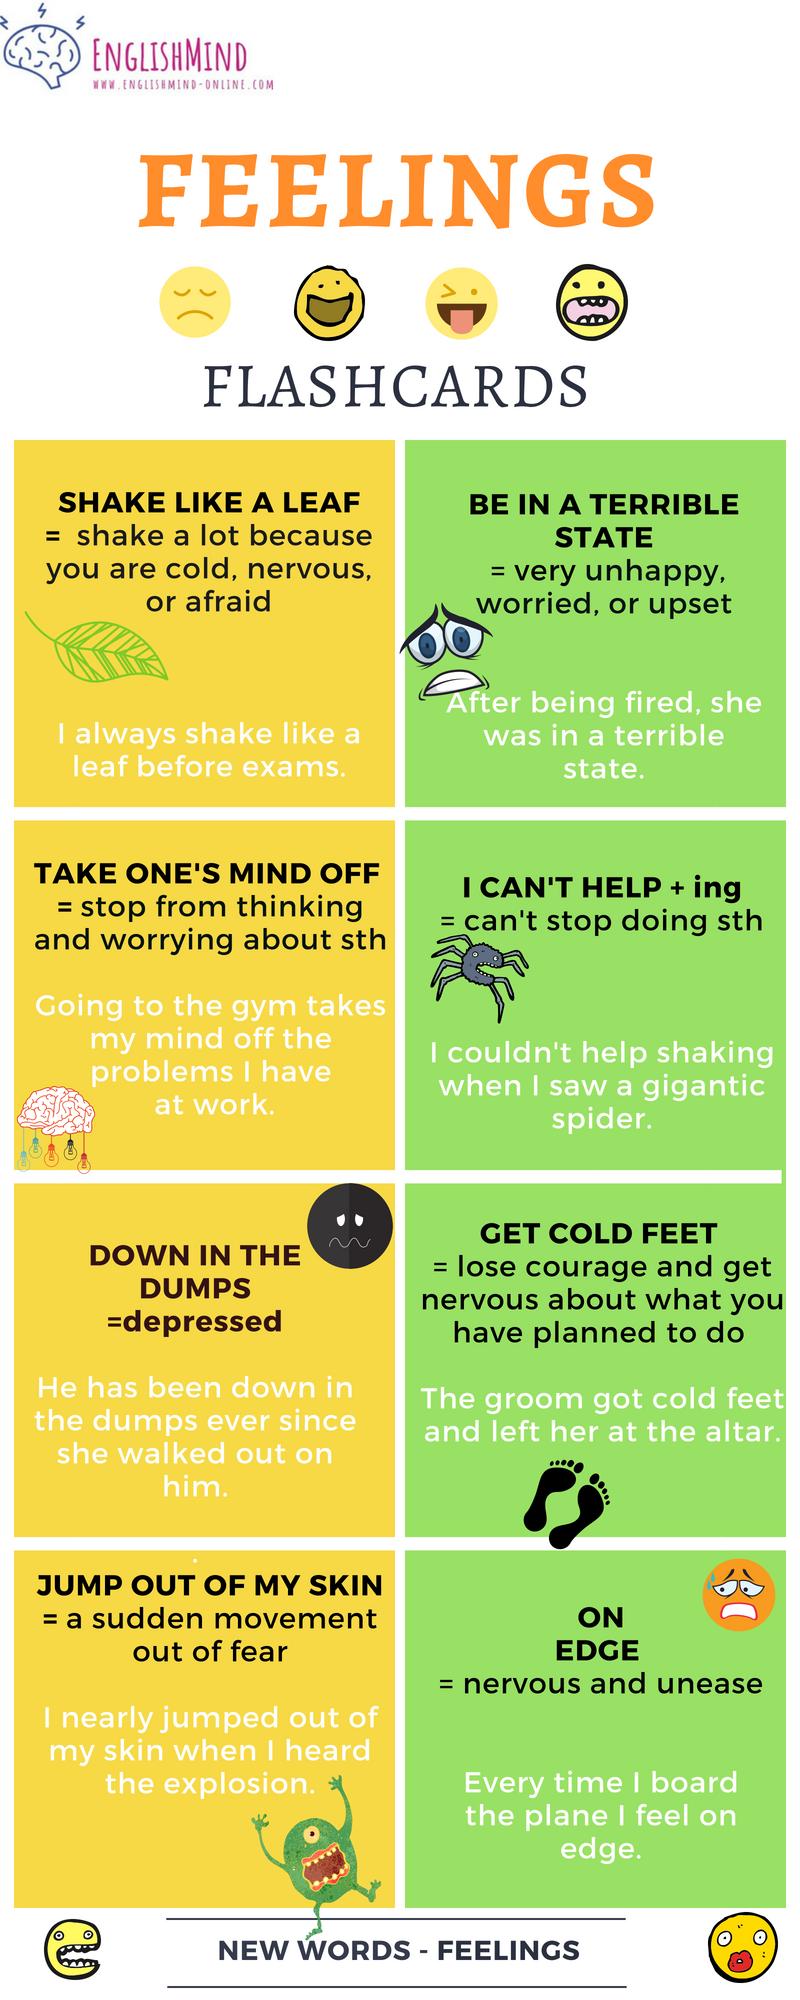 feelings - afraid, worried, nervous or depressed.